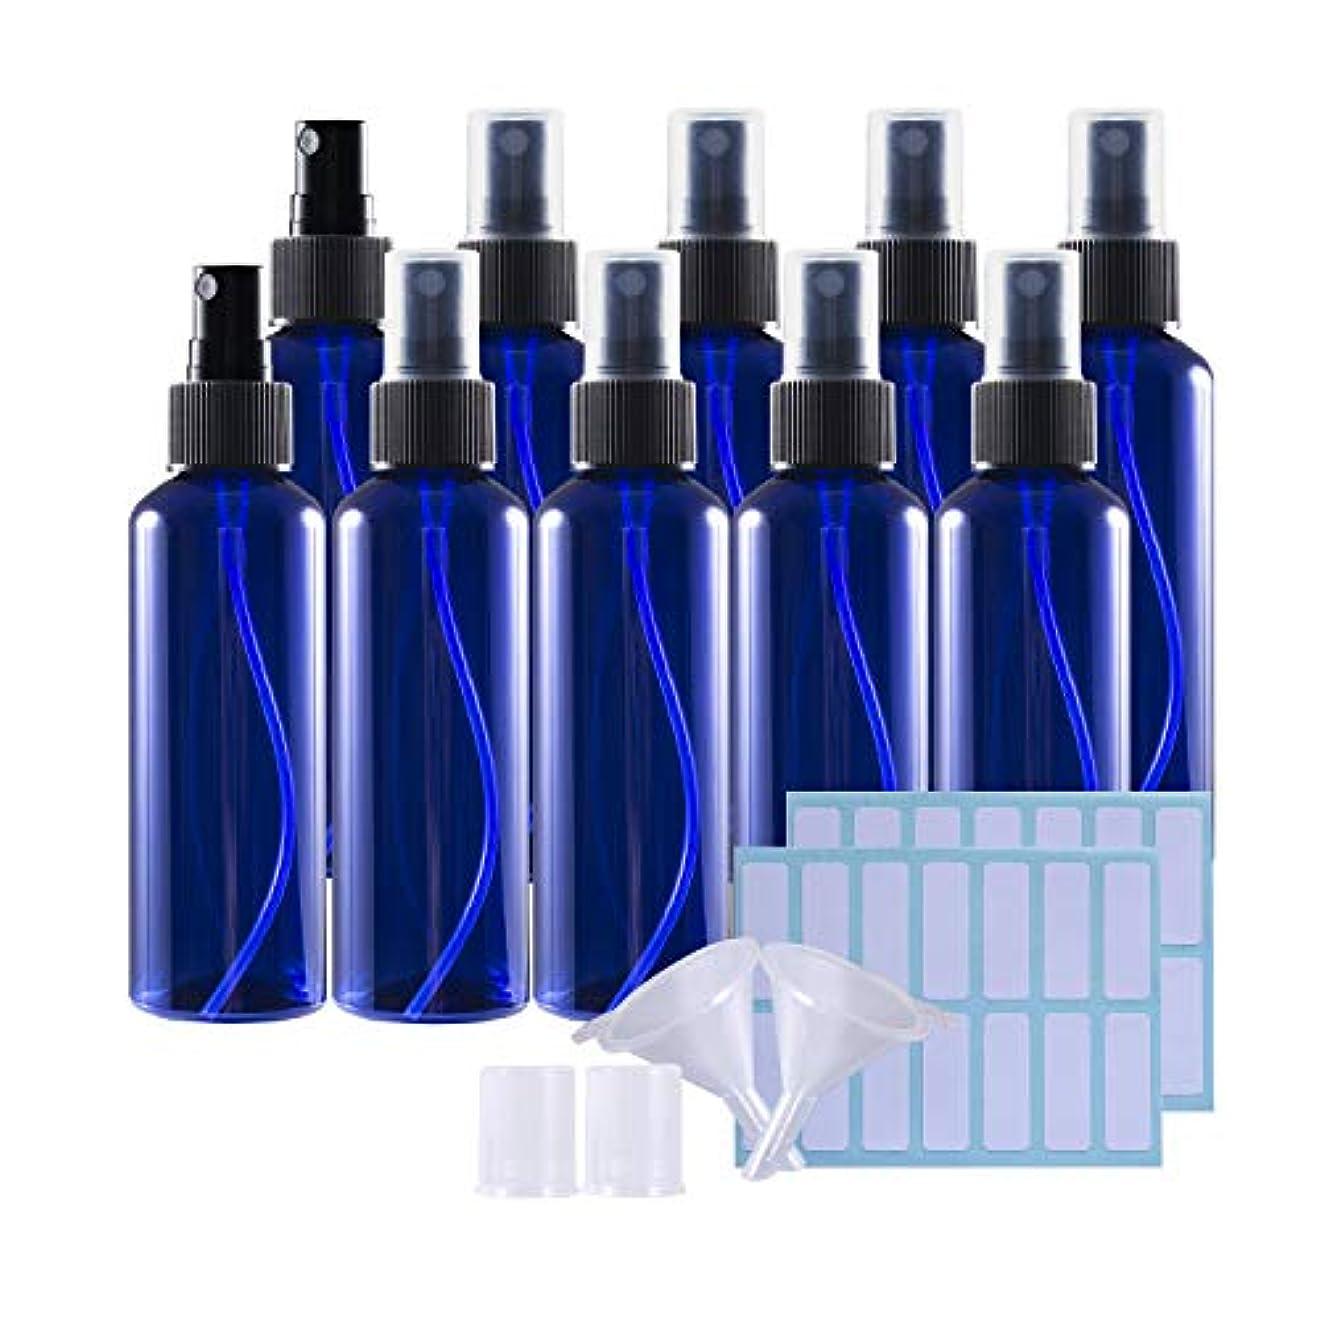 試すアレルギー性アーティファクト100mlスプレーボトル 10個セット遮光瓶 小分けボトル プラスチック容器 液体用空ボトル 押し式詰替用ボトル 詰め替え シャンプー クリーム 化粧品 収納瓶